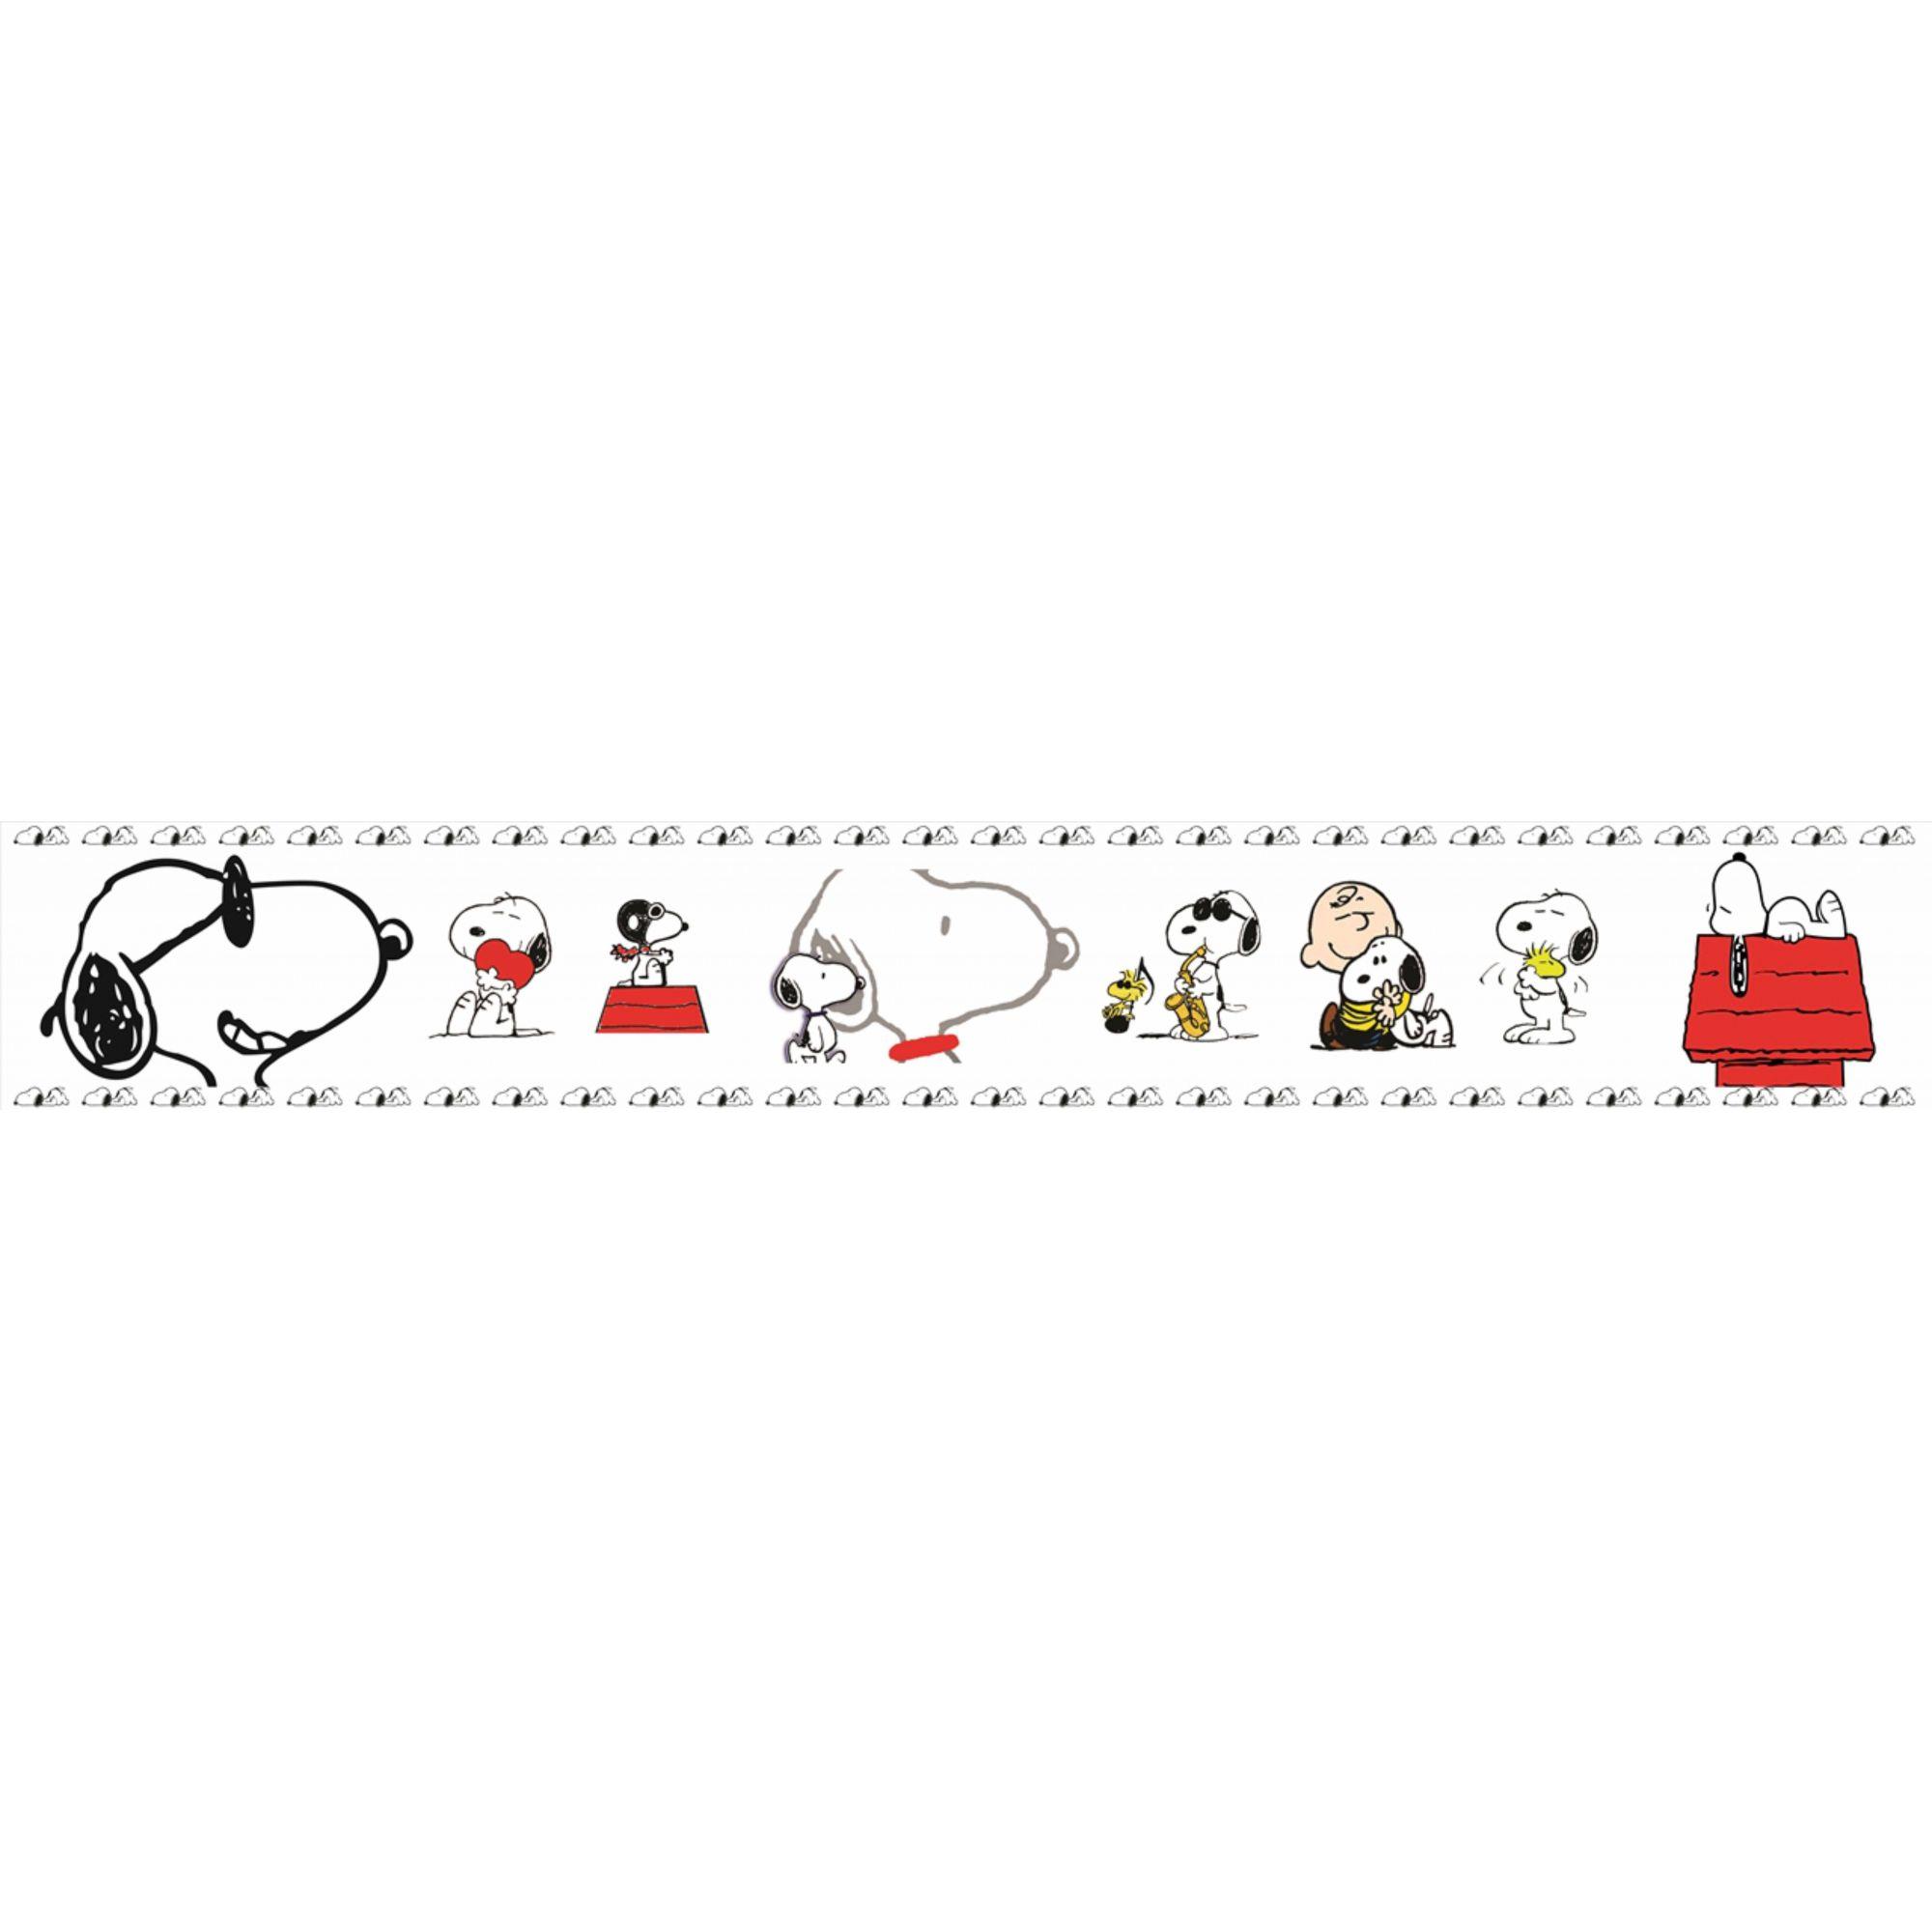 Faixa Decorativa Adesiva Snoopy  - Final Decor